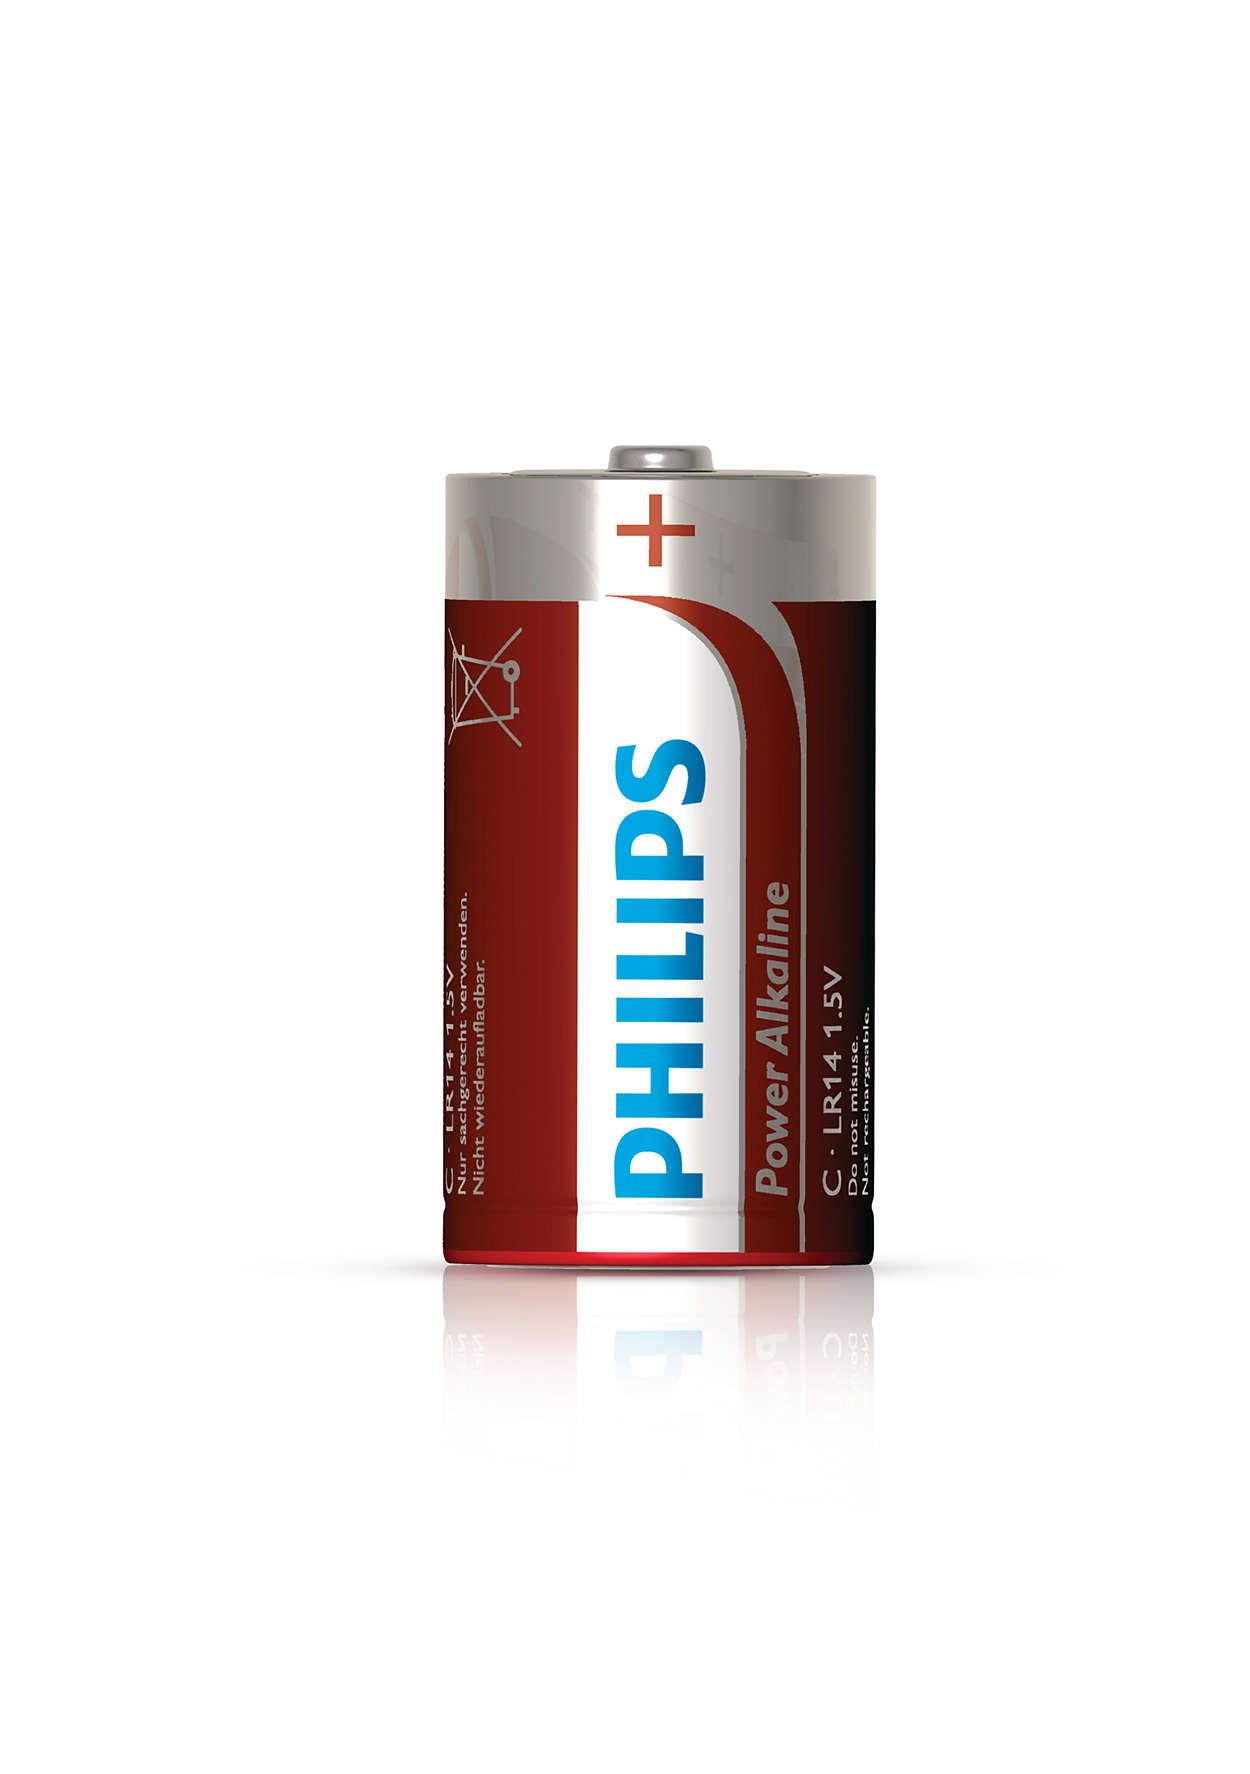 Ellátja energiával a nagy fogyasztású készülékeket